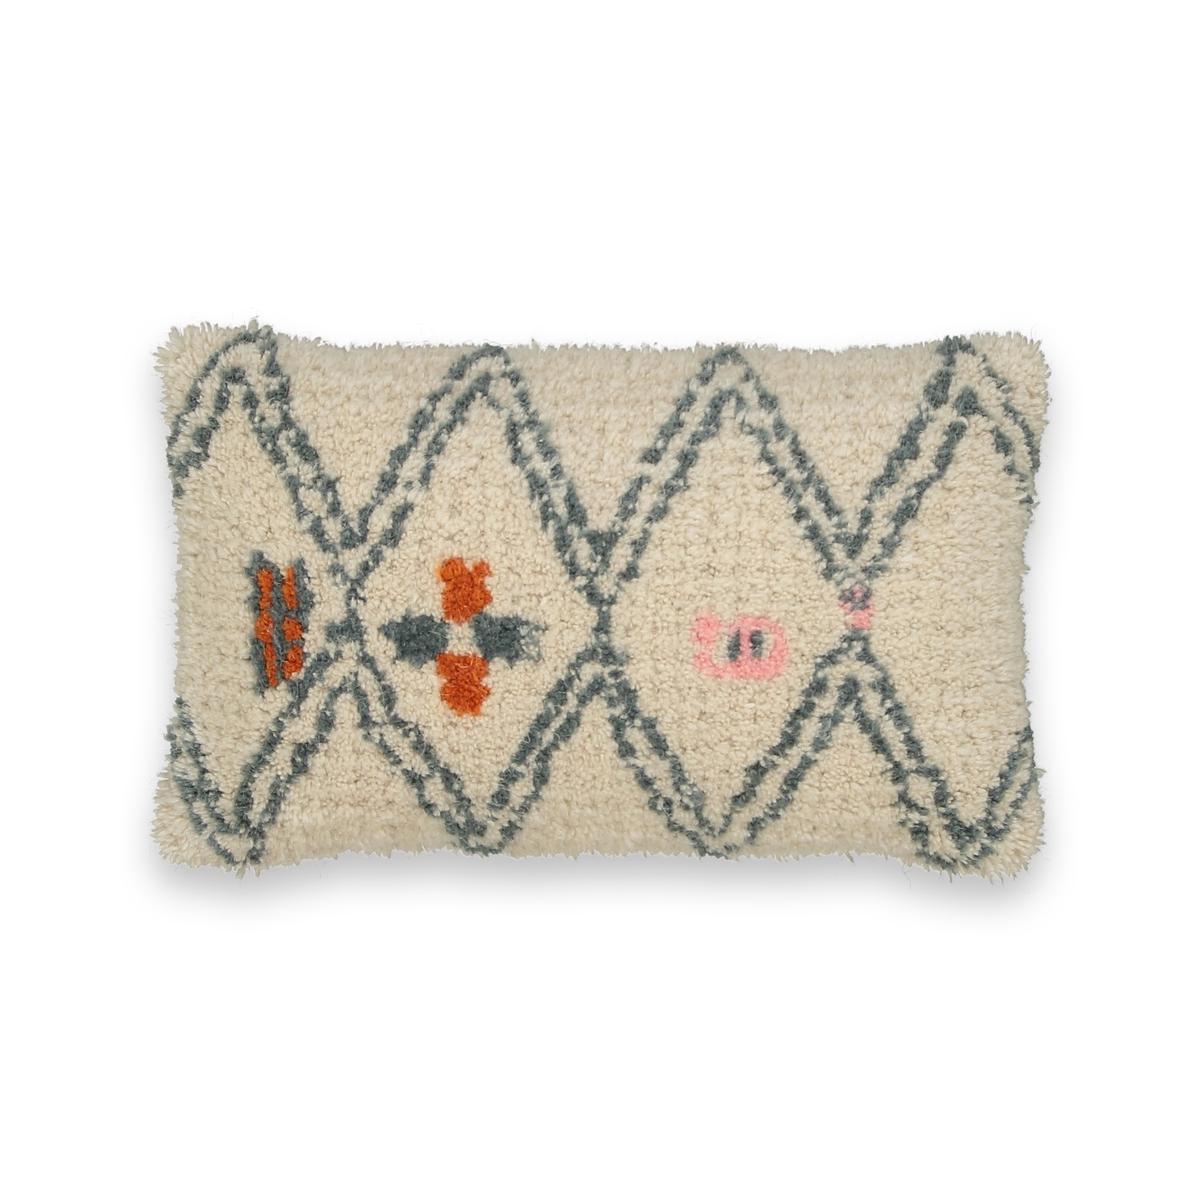 Чехол на подушку-валик в берберском стиле, LindiyaОписание:Чехол на подушку-валик в берберском стиле Lindiya .Характеристики :   •  90% шерсти, 10% хлопка .  Размер : •  50 x 30 см.<br><br>Цвет: разноцветный